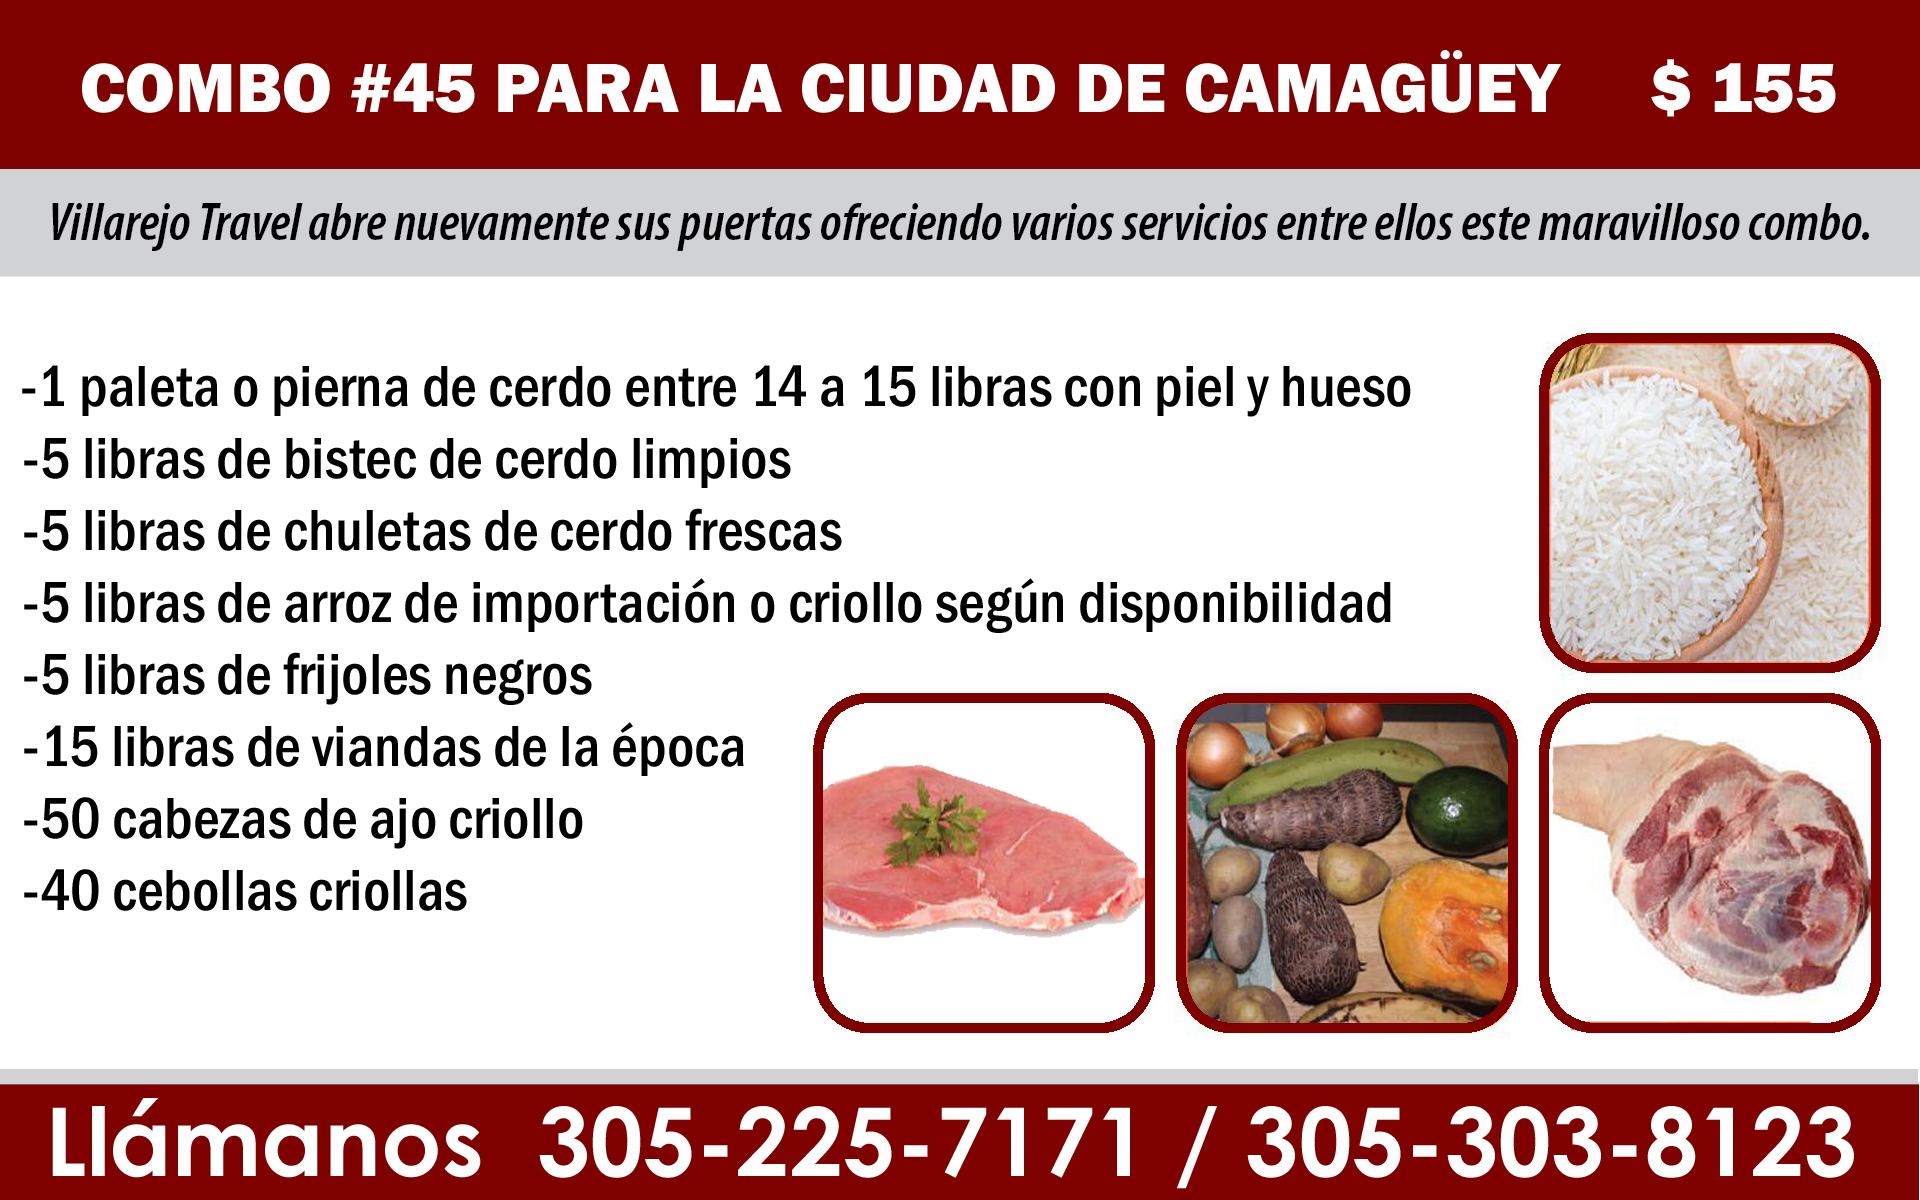 COMBO #45 PARA LA CIUDAD DE CAMAGÜEY $ 155